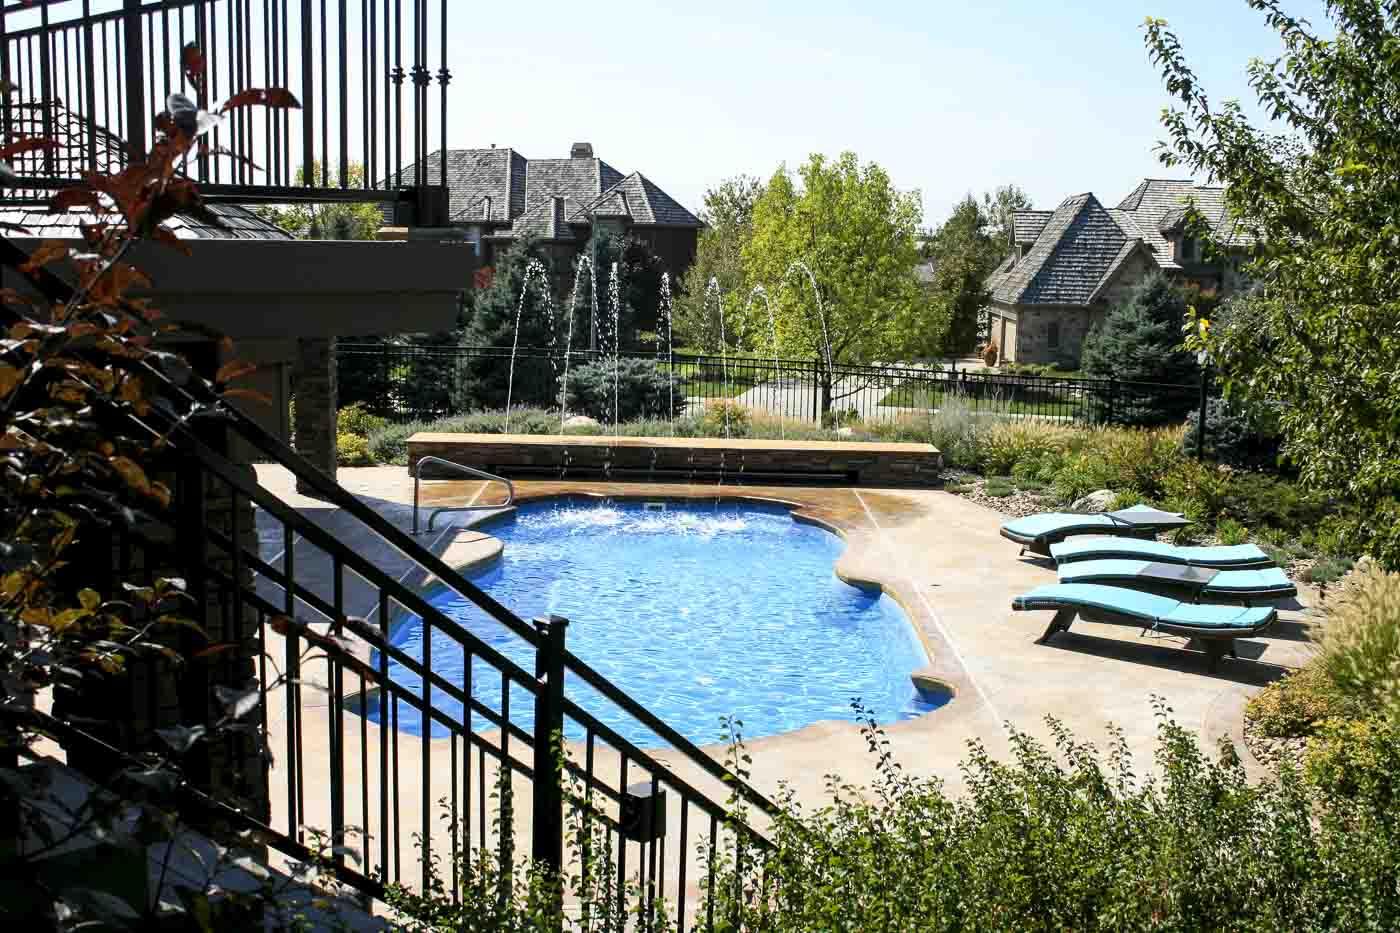 2010 Aquatech fiberglass pool